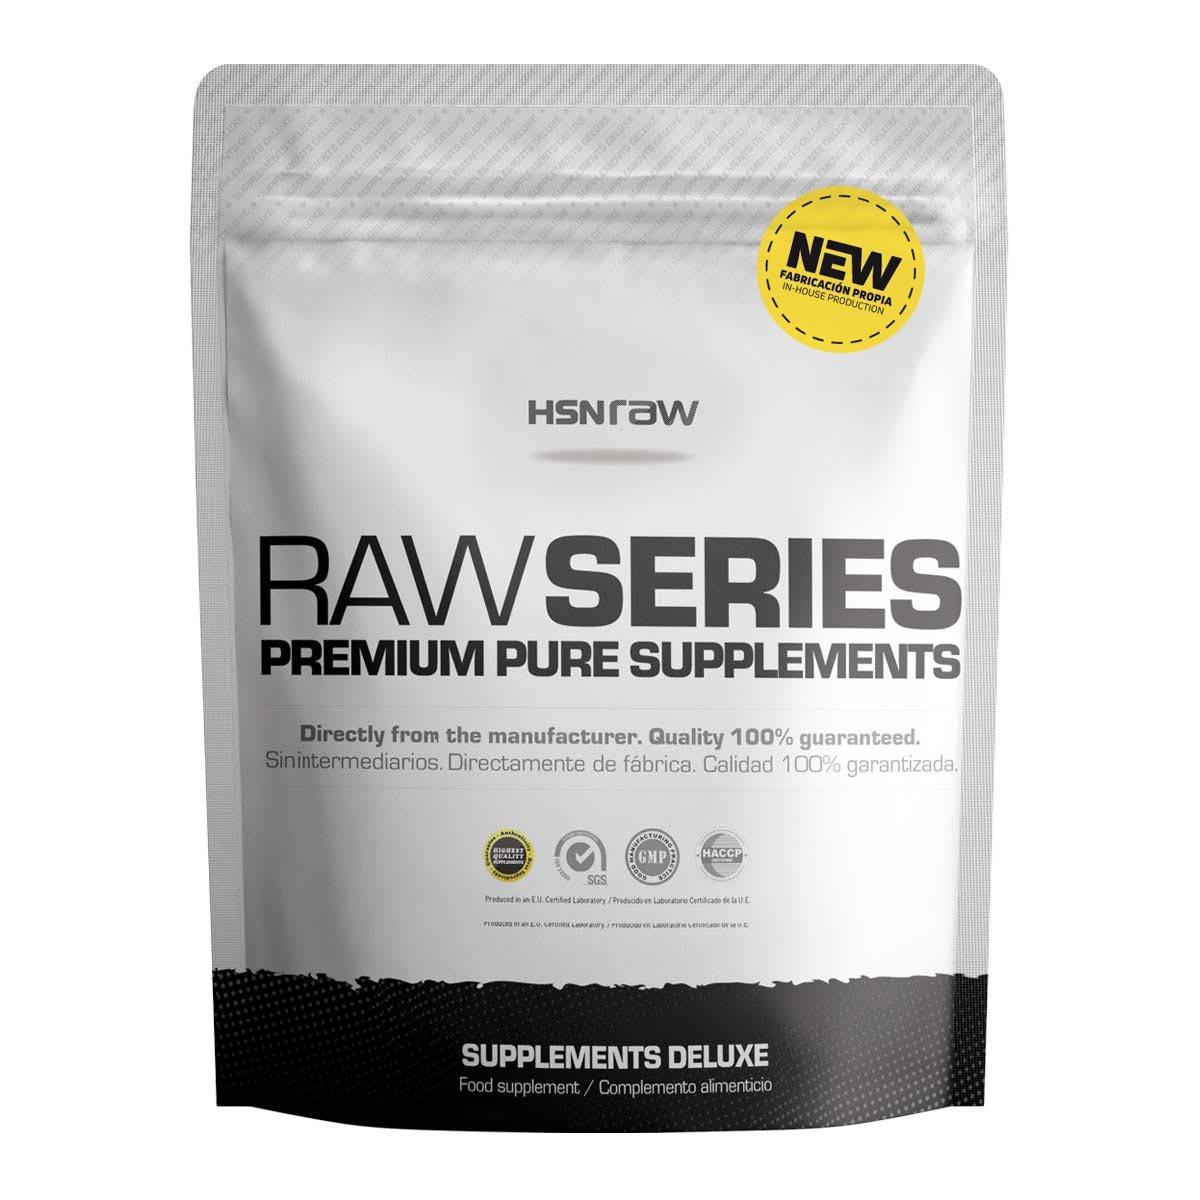 HSN Raw - Proteína Aislada de Suero Lácteo (100% Whey Protein Isolate) - En Polvo - Sabor Neutro - 500 gr: Amazon.es: Salud y cuidado personal